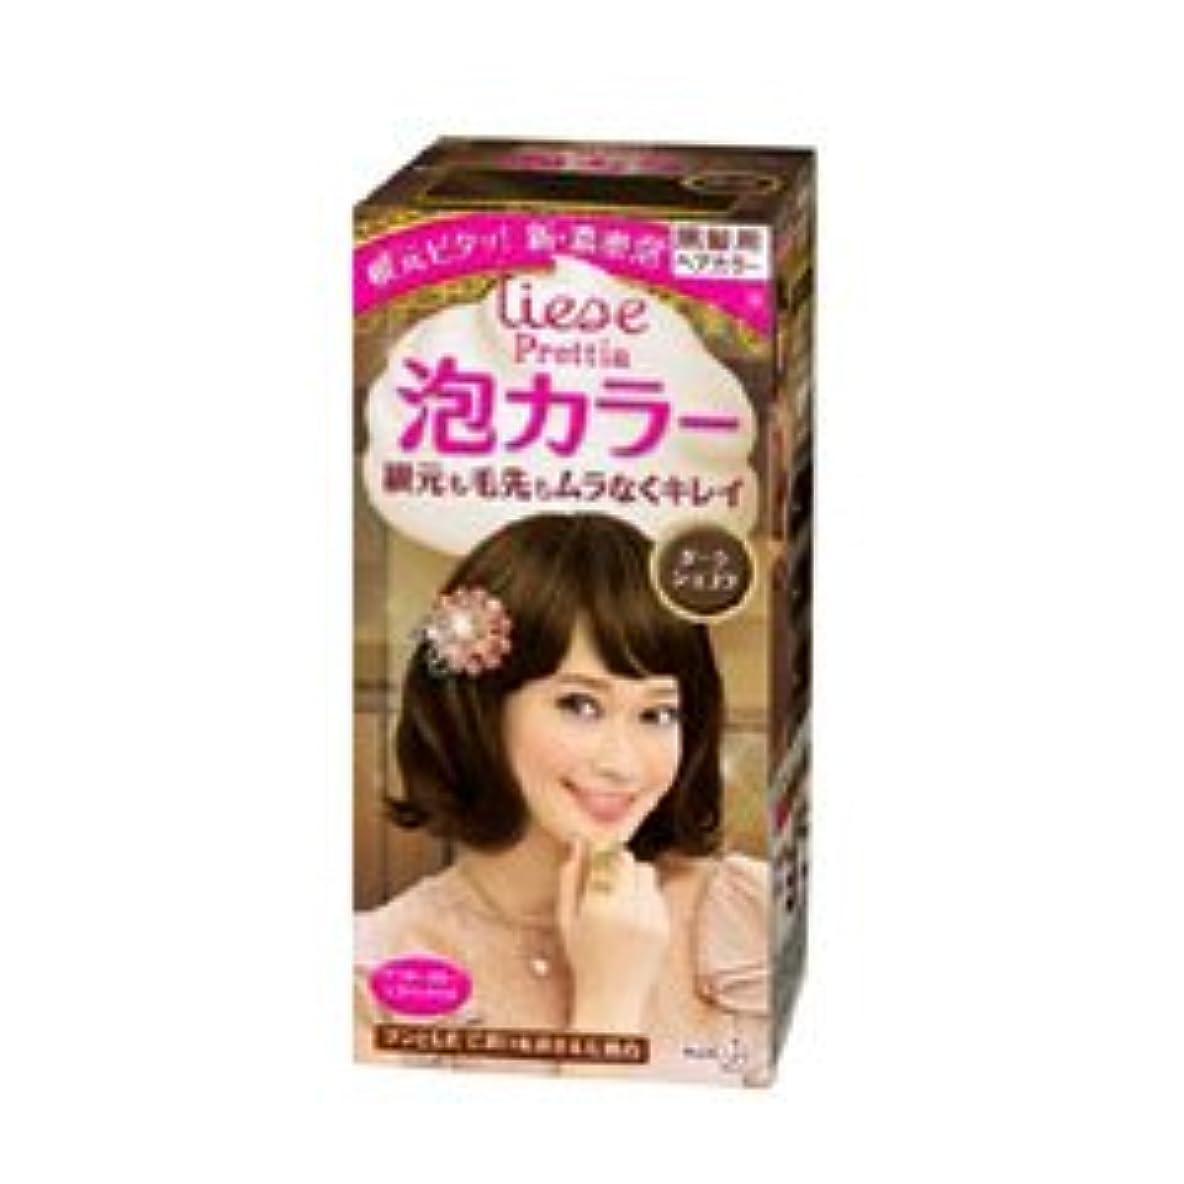 クリーナー女の子おっと【花王】リーゼプリティア 泡カラー ダークショコラ